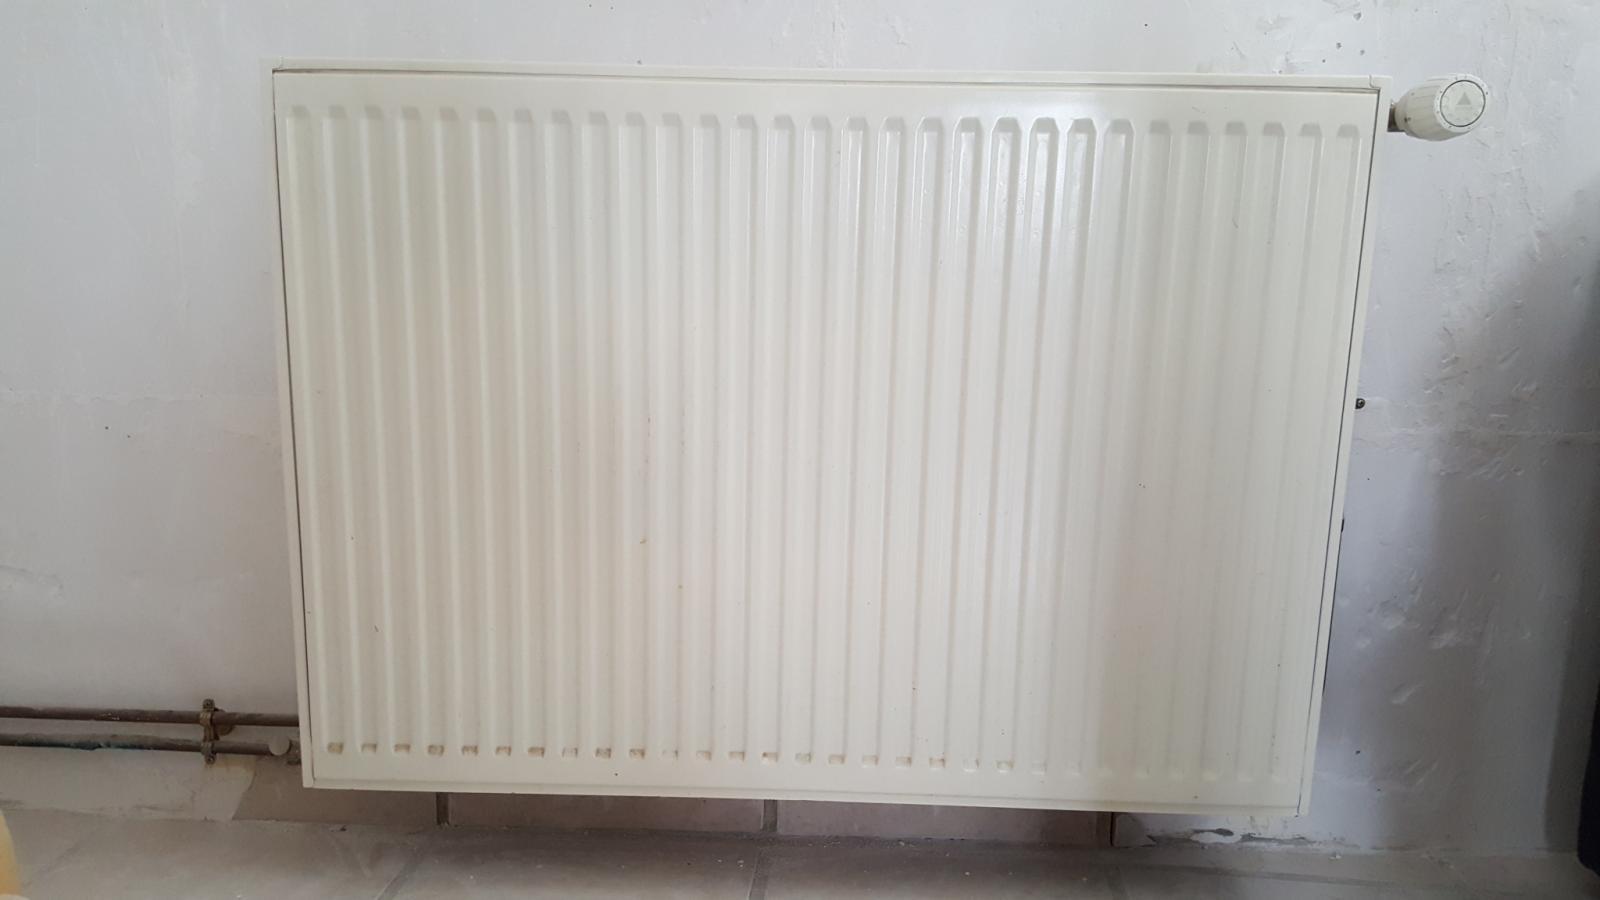 Placer placo radiateur tuyaux cuivres je suis perdue - Fixation radiateur placo ...